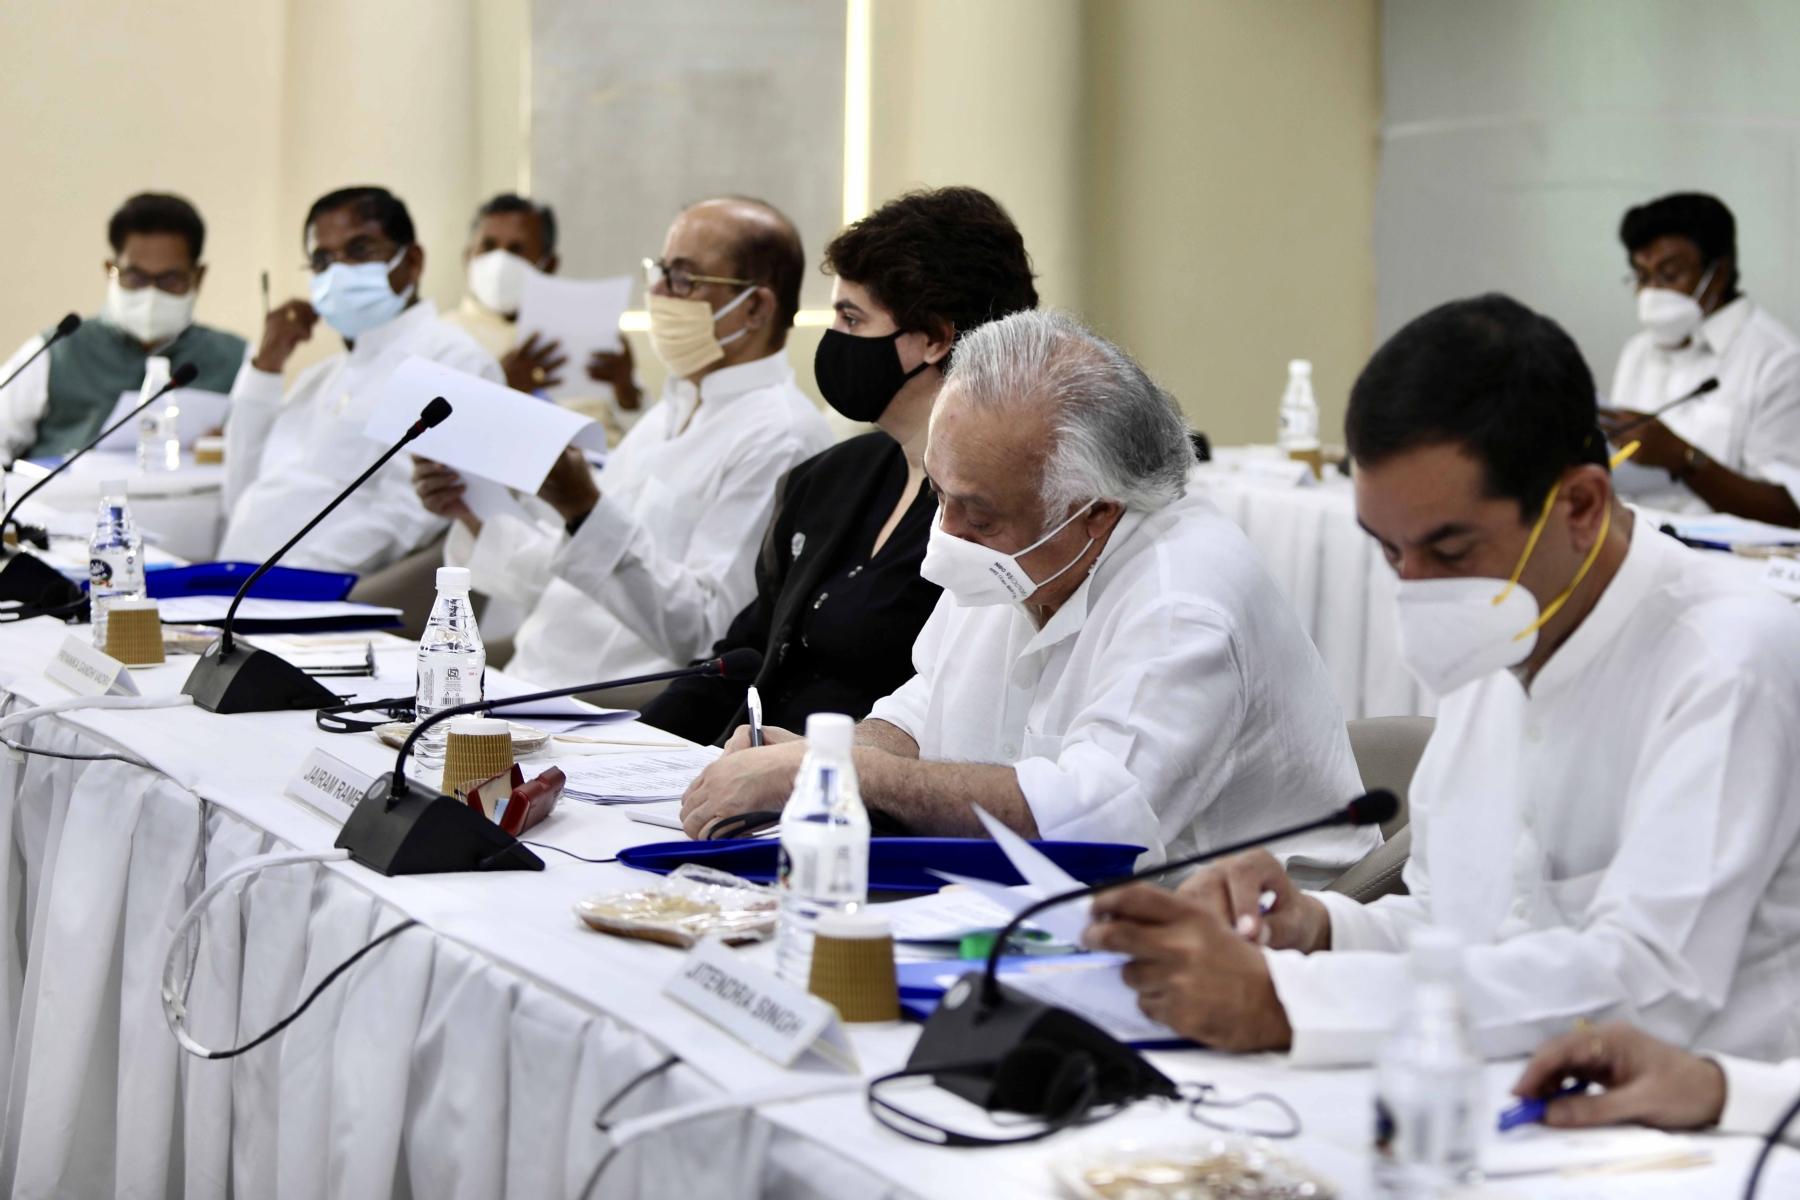 कार्यालय में कार्यसमिति की बैठक में कांग्रेस की अंतरिम अध्यक्ष सोनिया गांधी और पूर्व अध्यक्ष राहुल गांधी, कांग्रेस महासचिव प्रियंका गांधी वाड्रा ठक